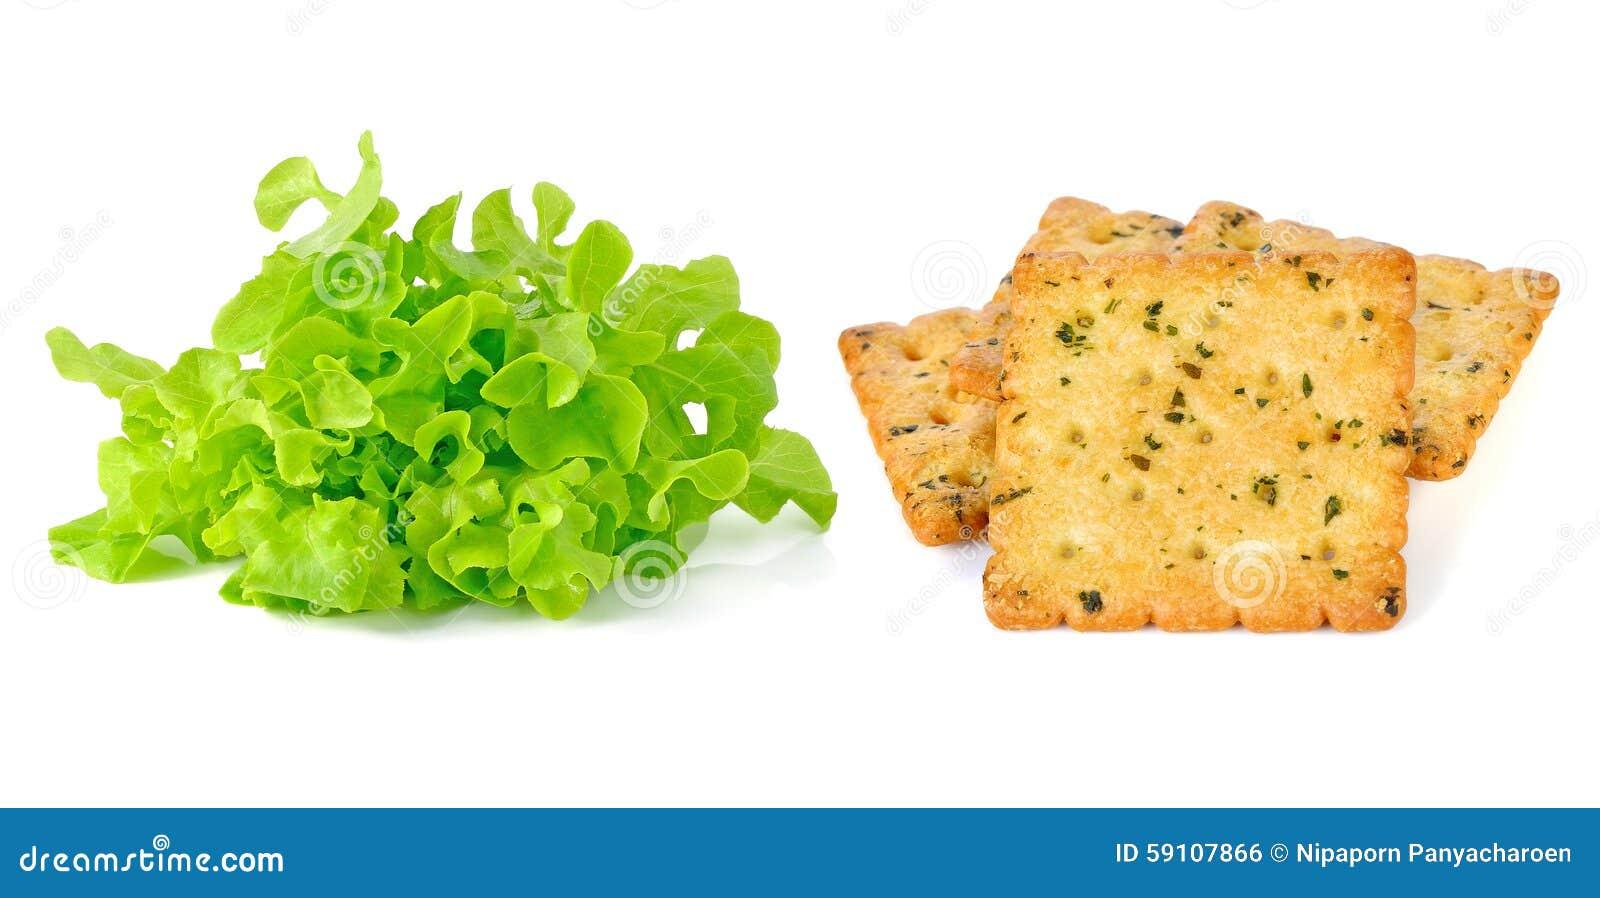 绿色散叶莴苣和薄脆饼干